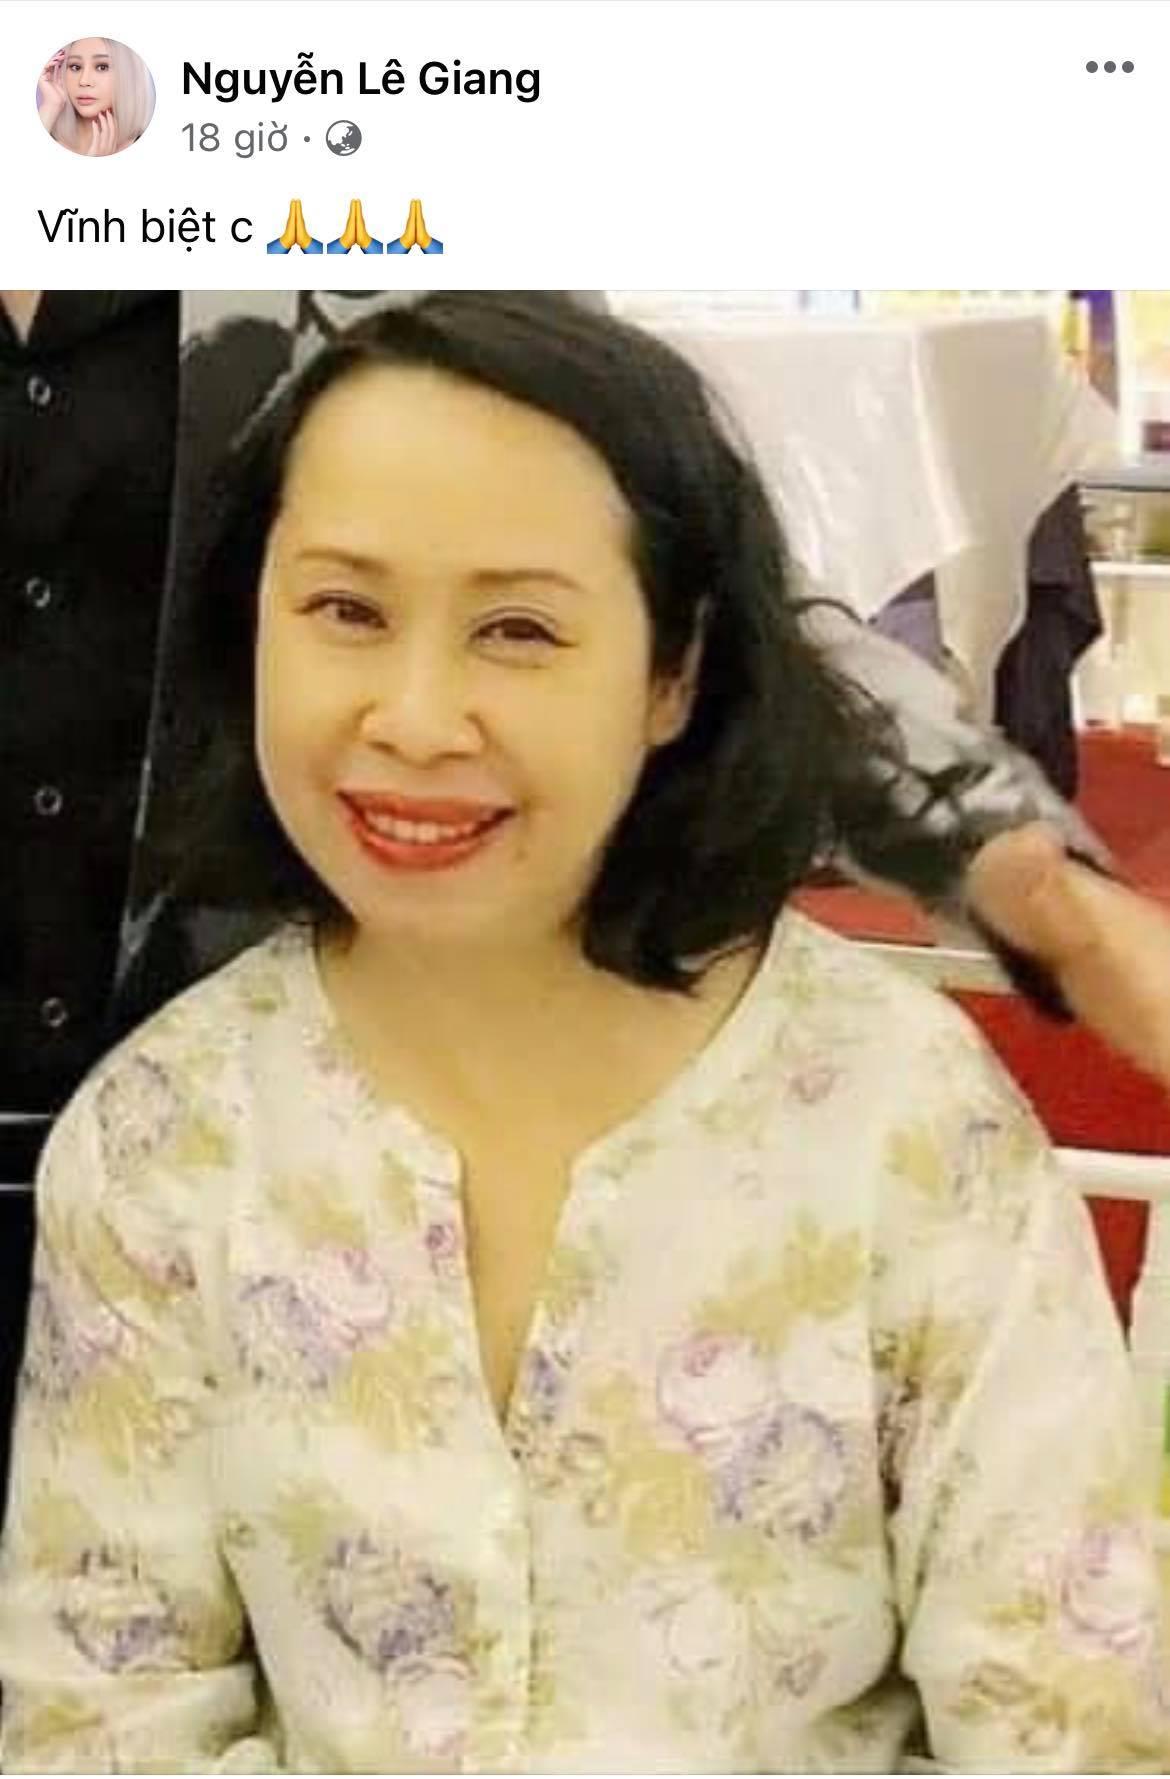 BTV Cẩm Liên qua đời vì ung thư thận, NS Hồng Vân và Lê Giang đau lòng, nghệ sĩ xót xa vì cảnh vắng lặng tại tang lễ - Ảnh 4.